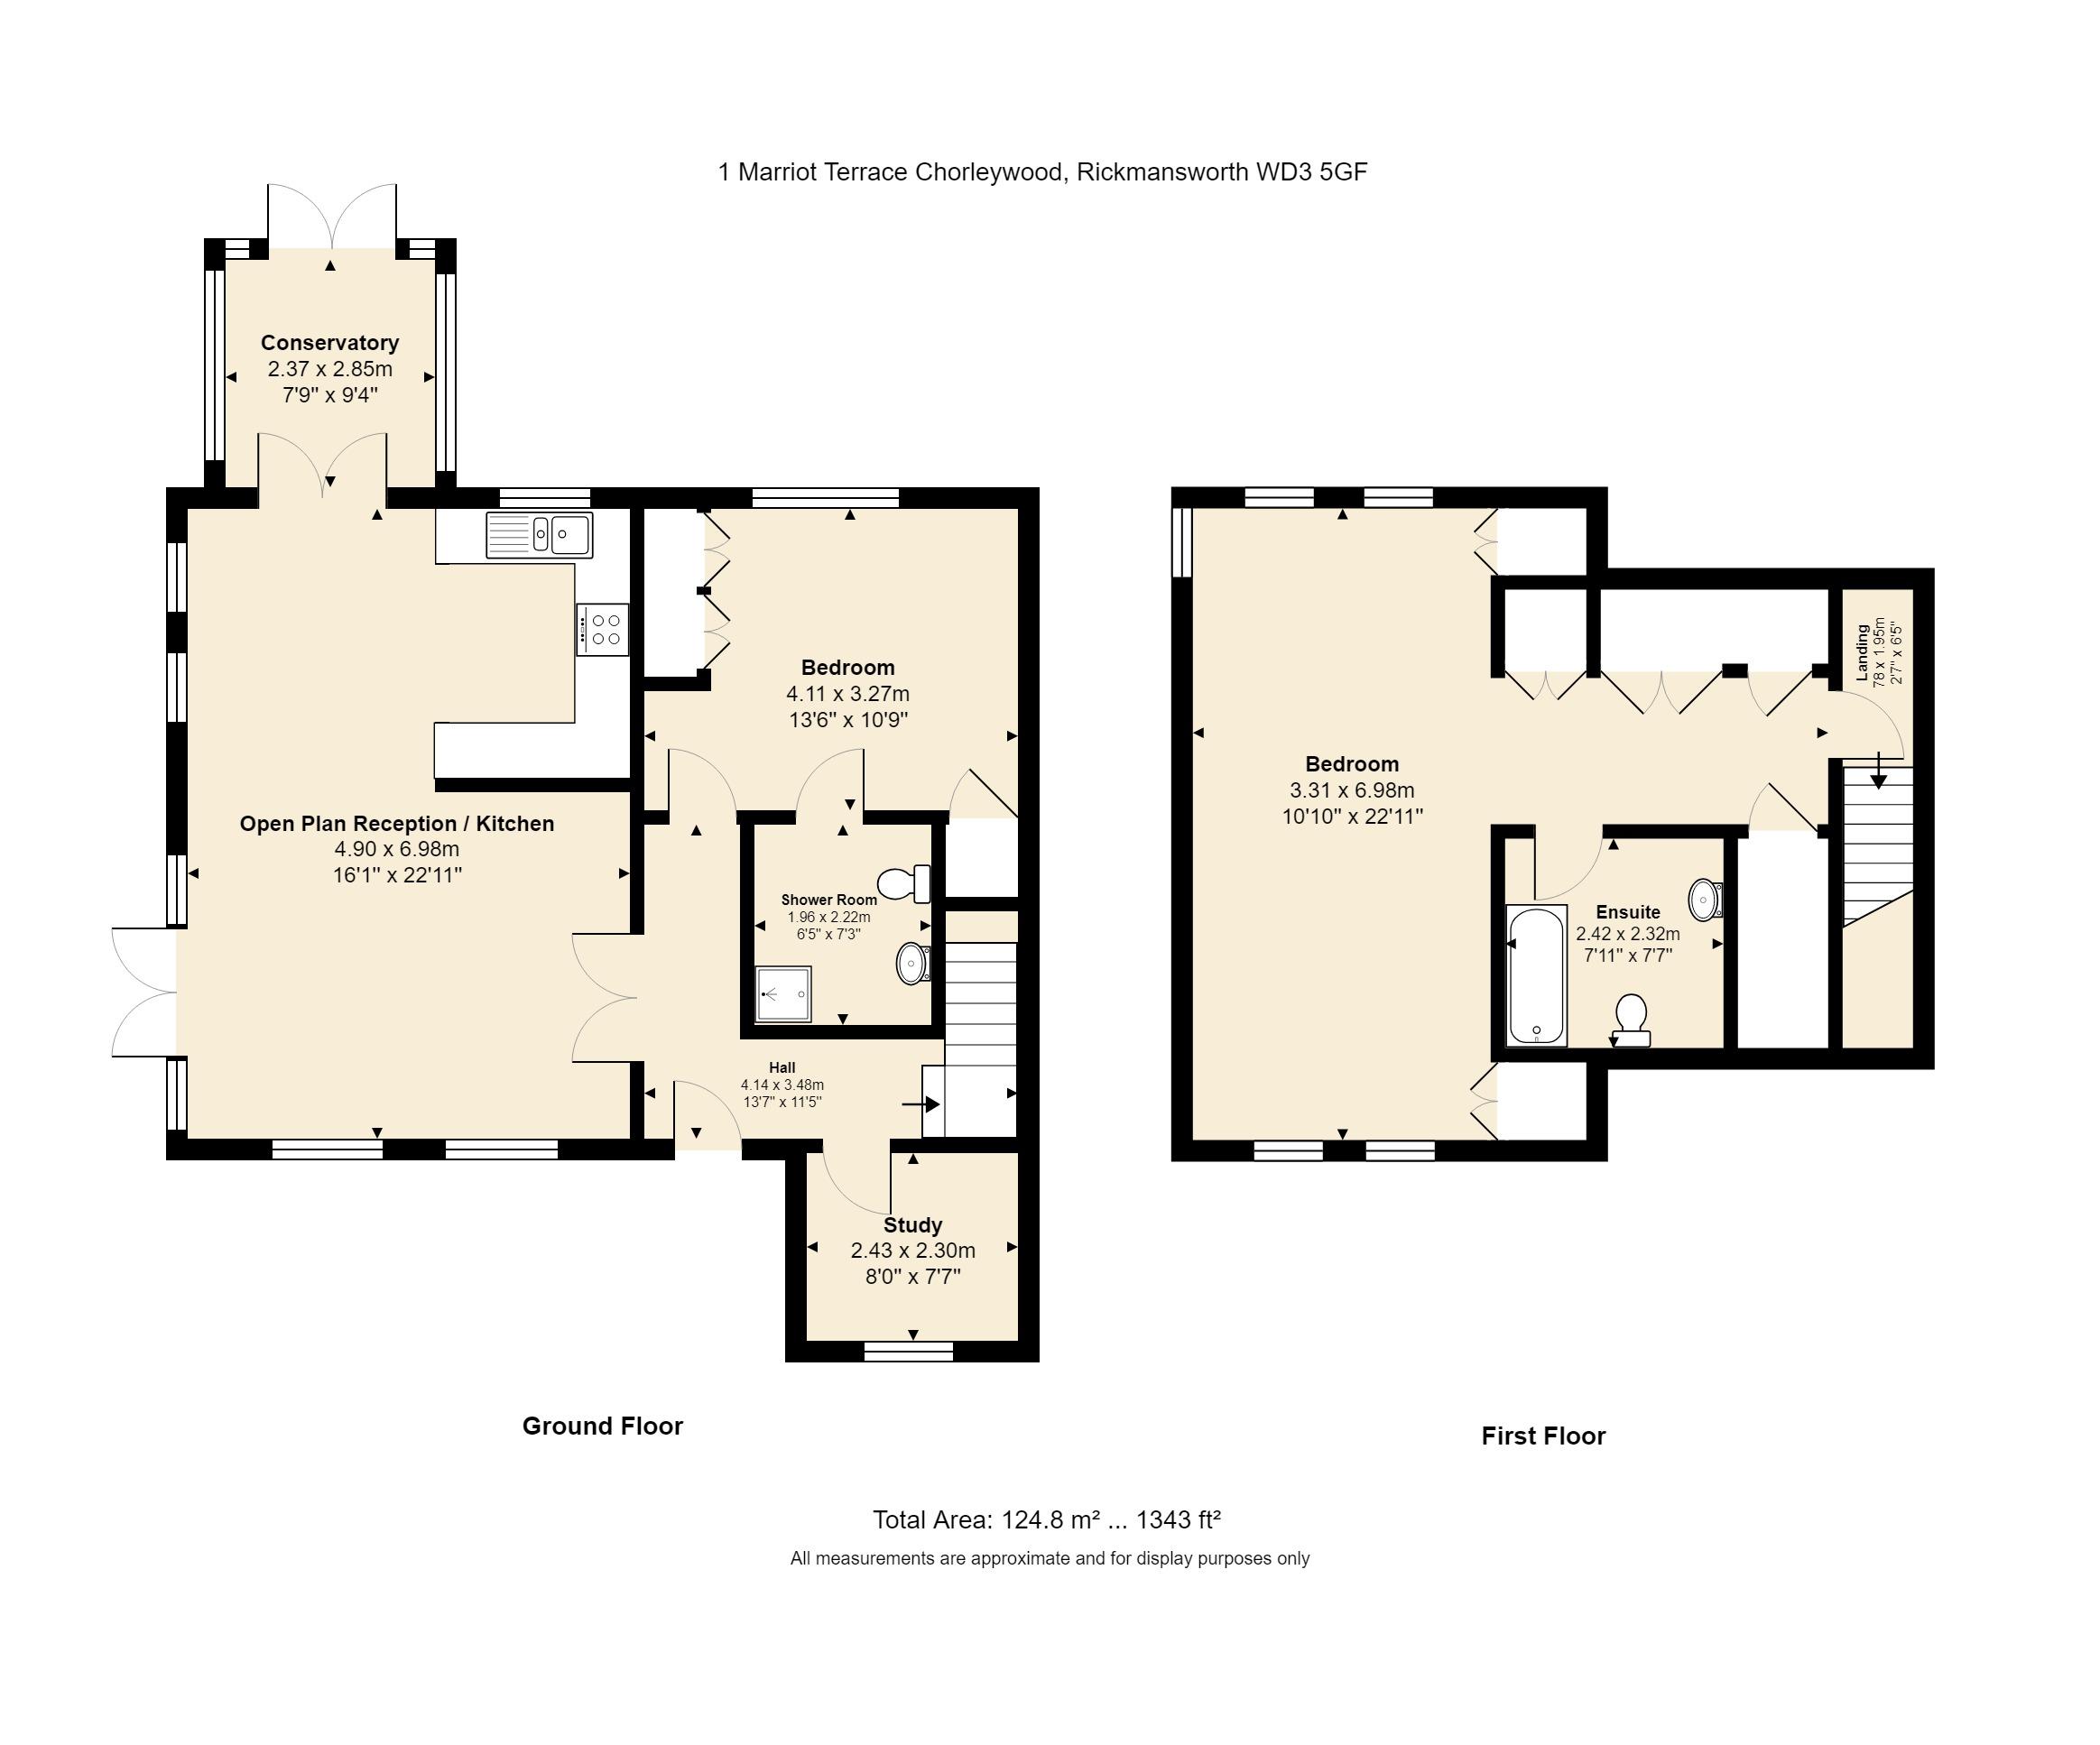 1 Marriot Terrace Floorplan